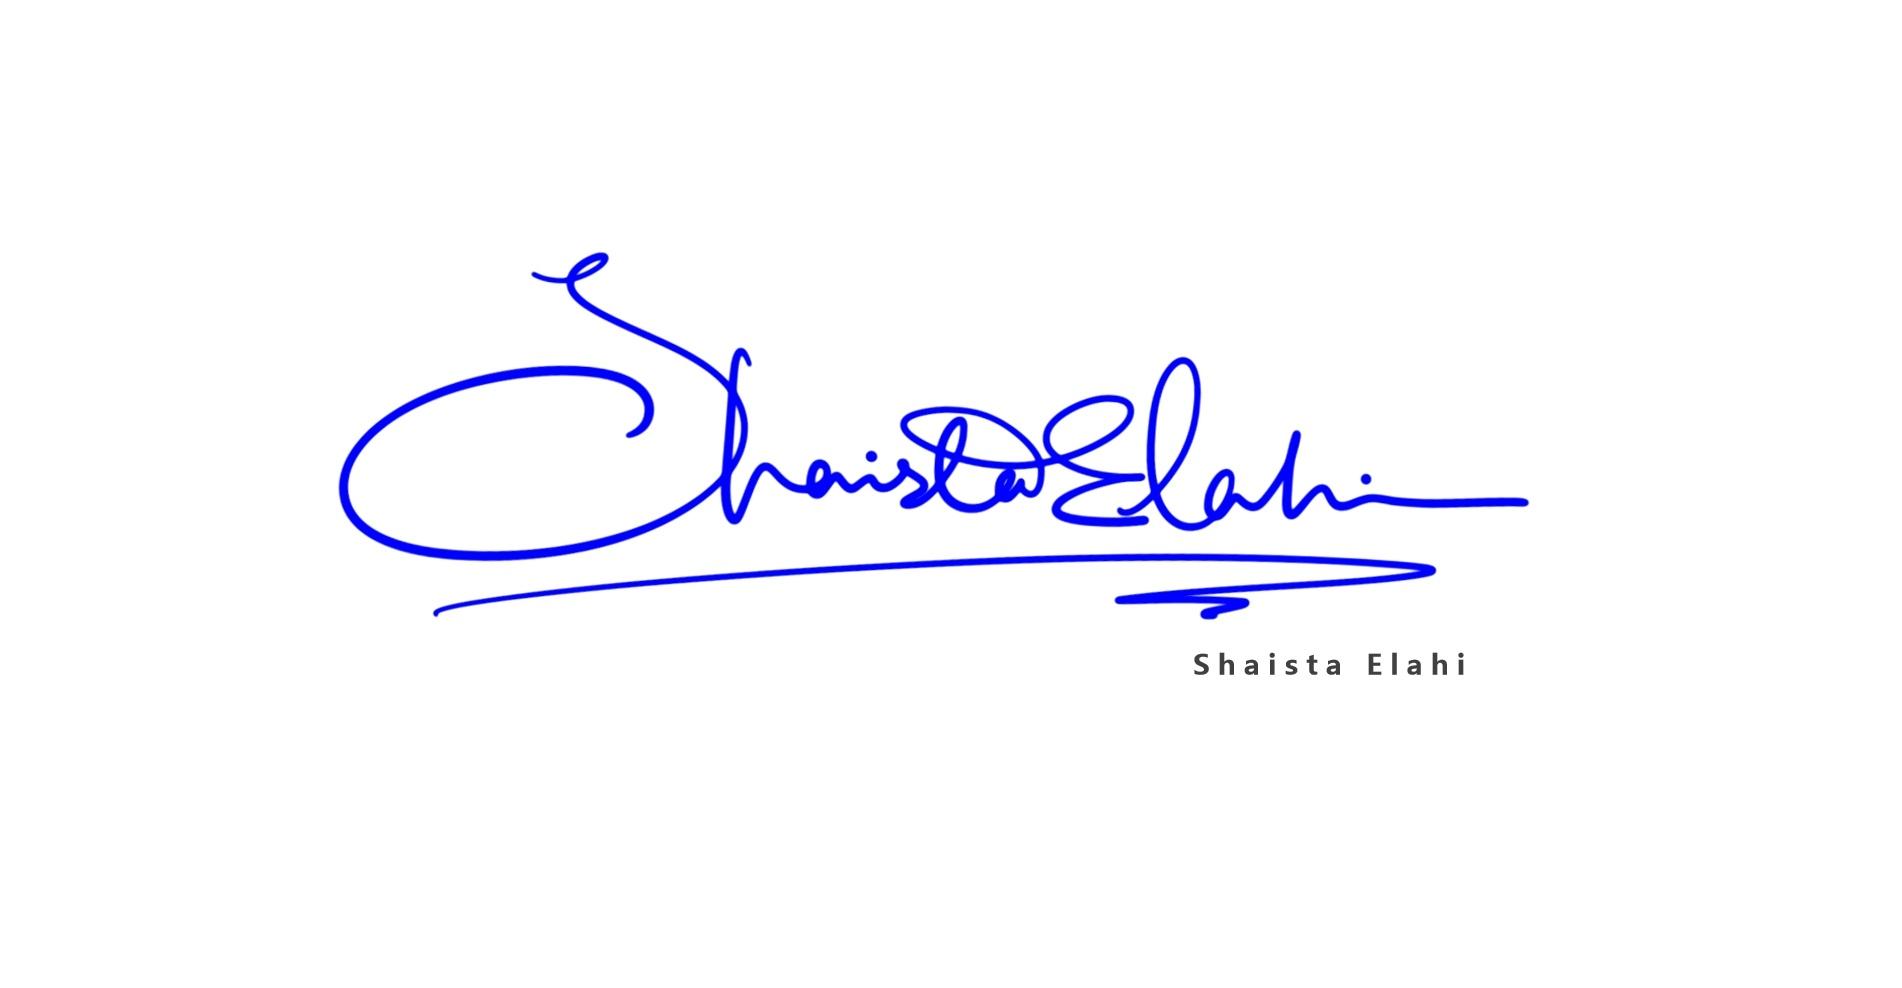 英文手写标志设计丨纯手写丨signature logo design图片